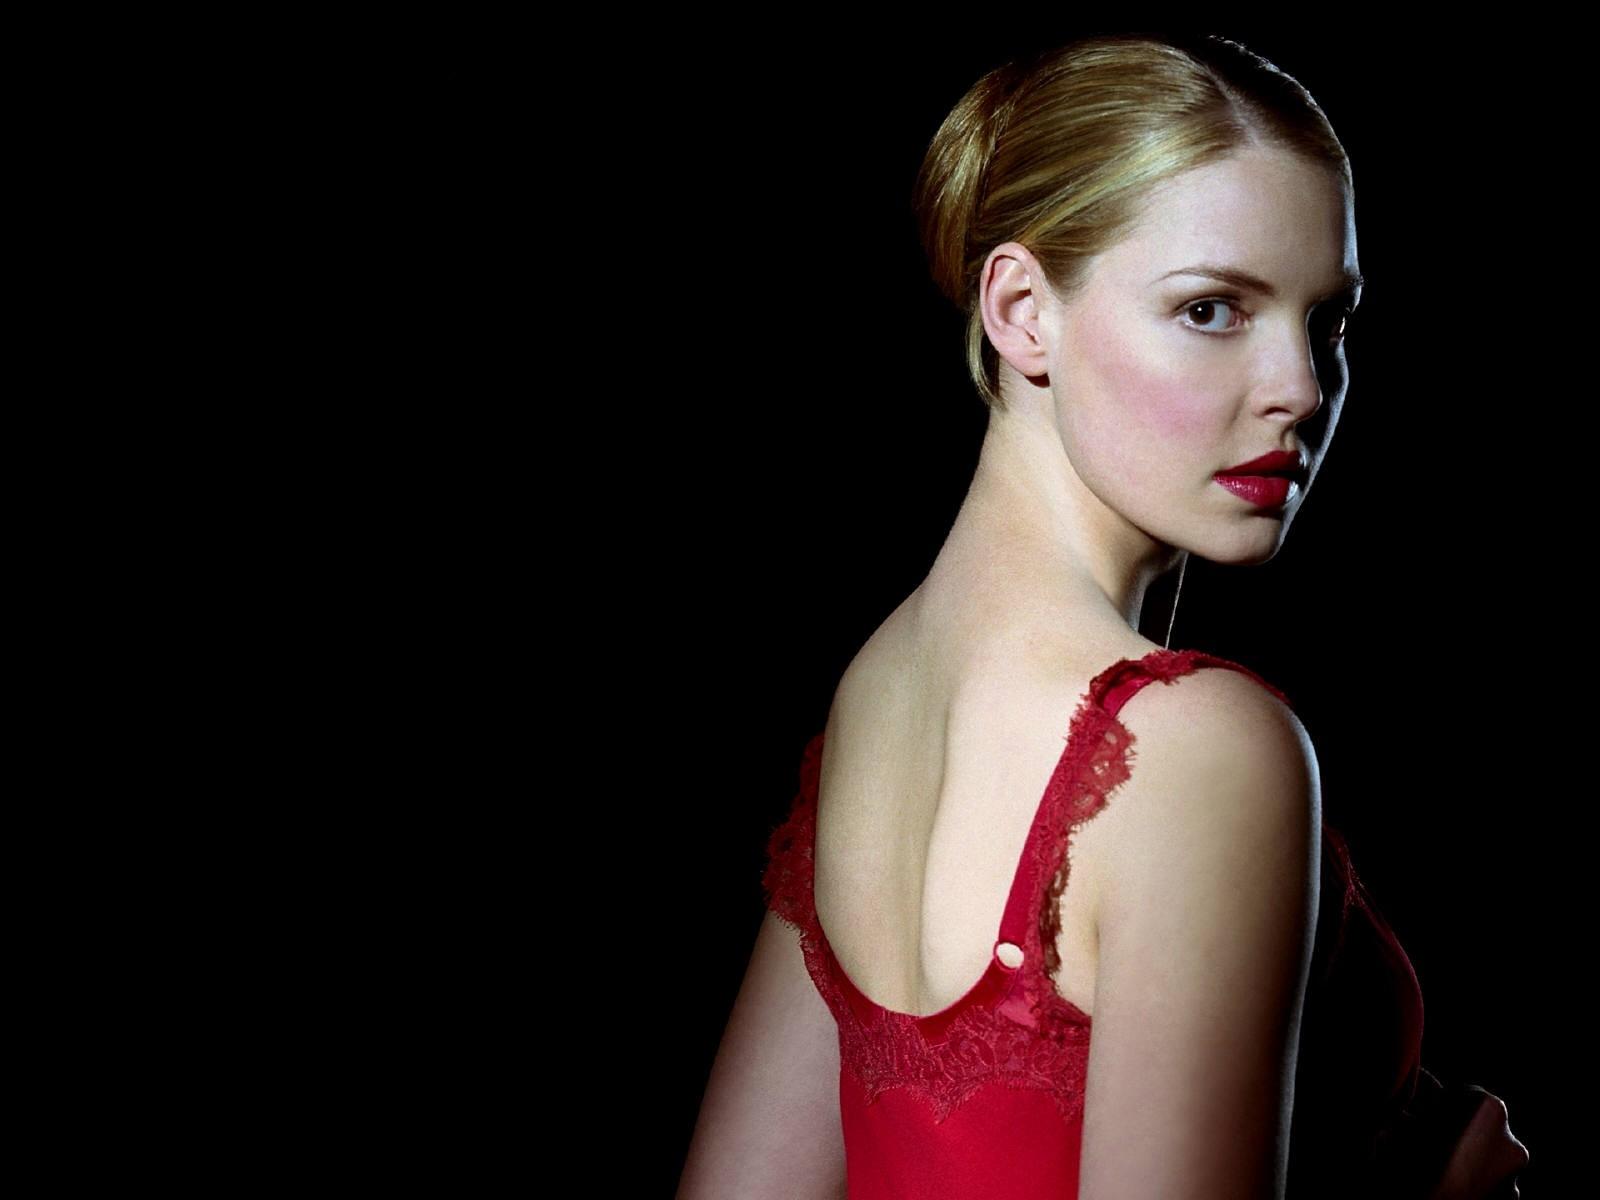 Wallpaper di Katherine Heigl in abito rosso